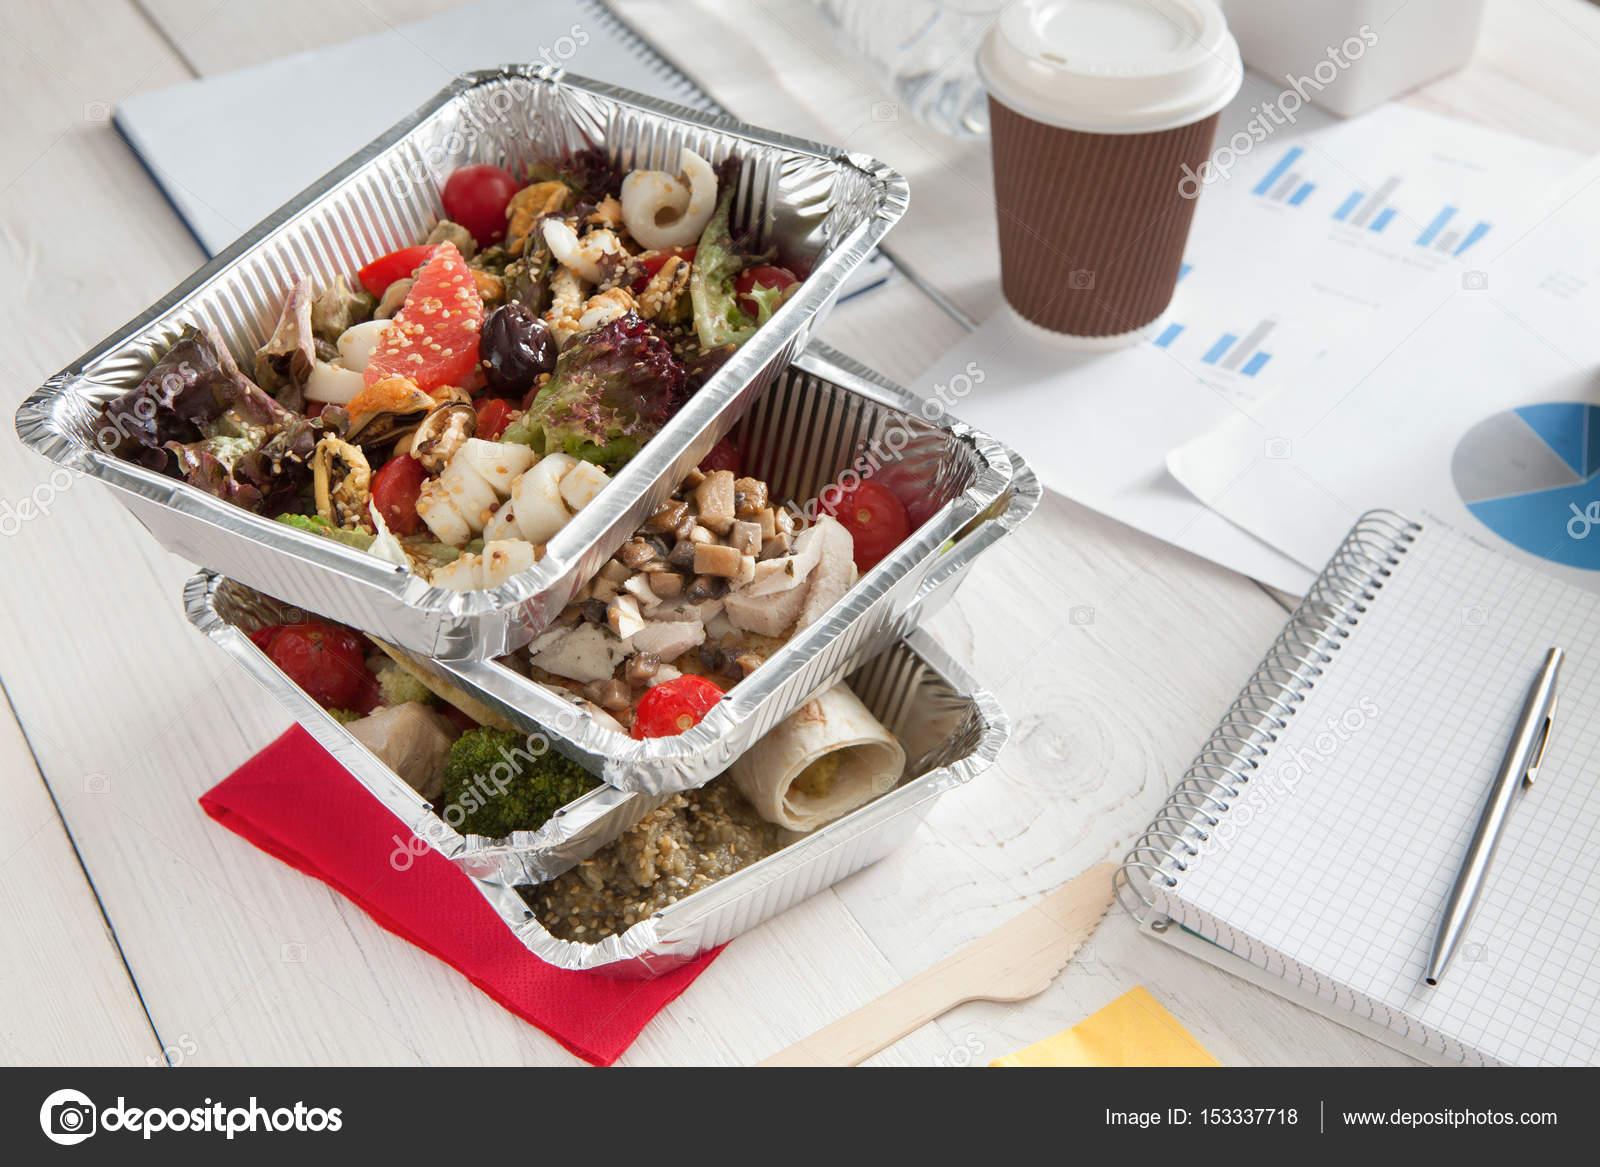 livraison de repas quotidienne saine au bureau salade de legumes photo